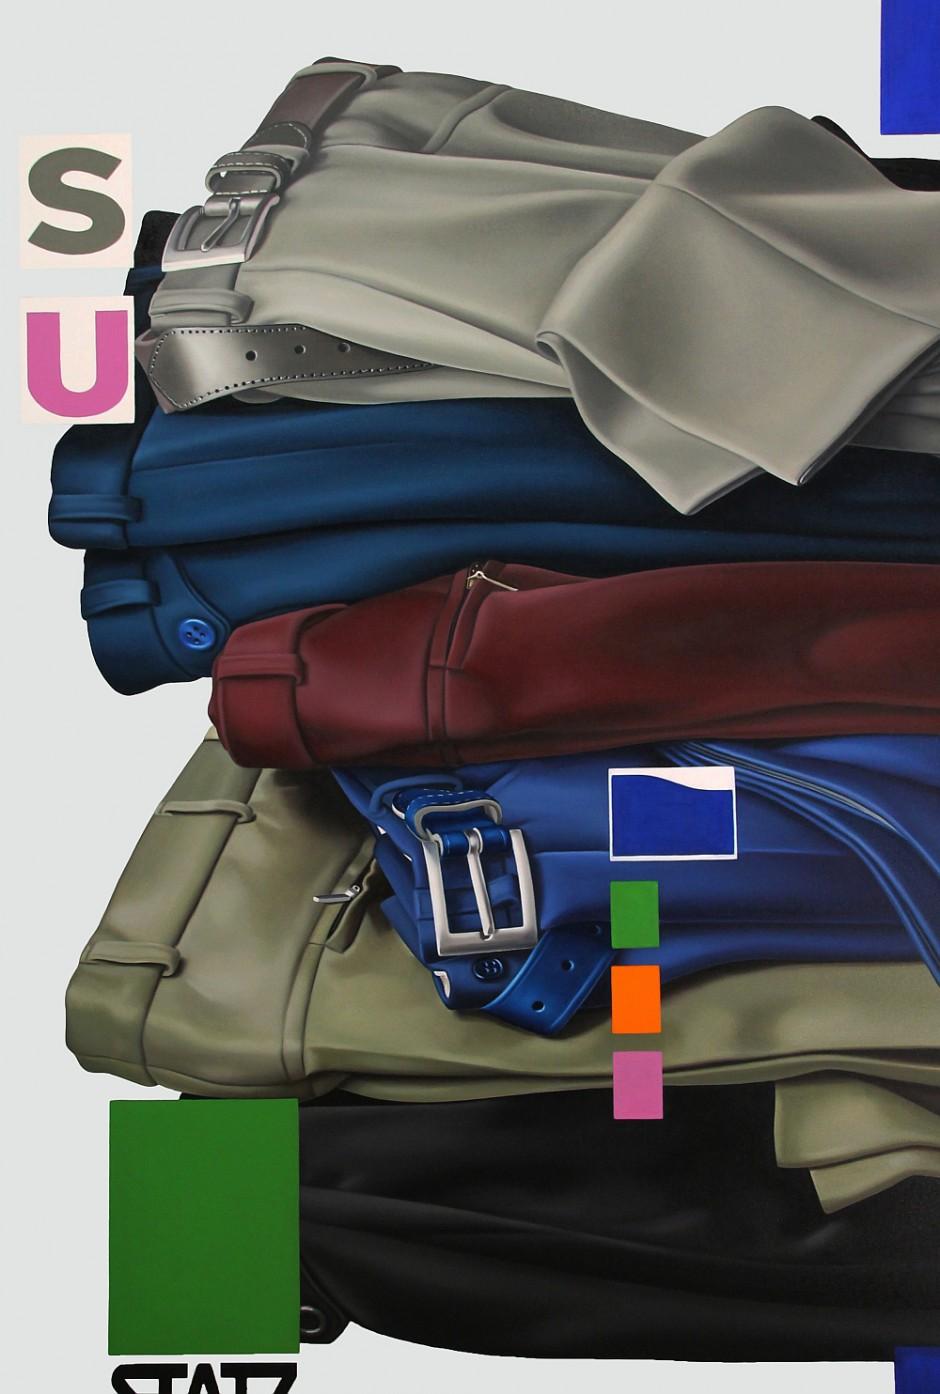 Hosen 3, Öl auf Leinwand, 150 x 100 cm, 2016